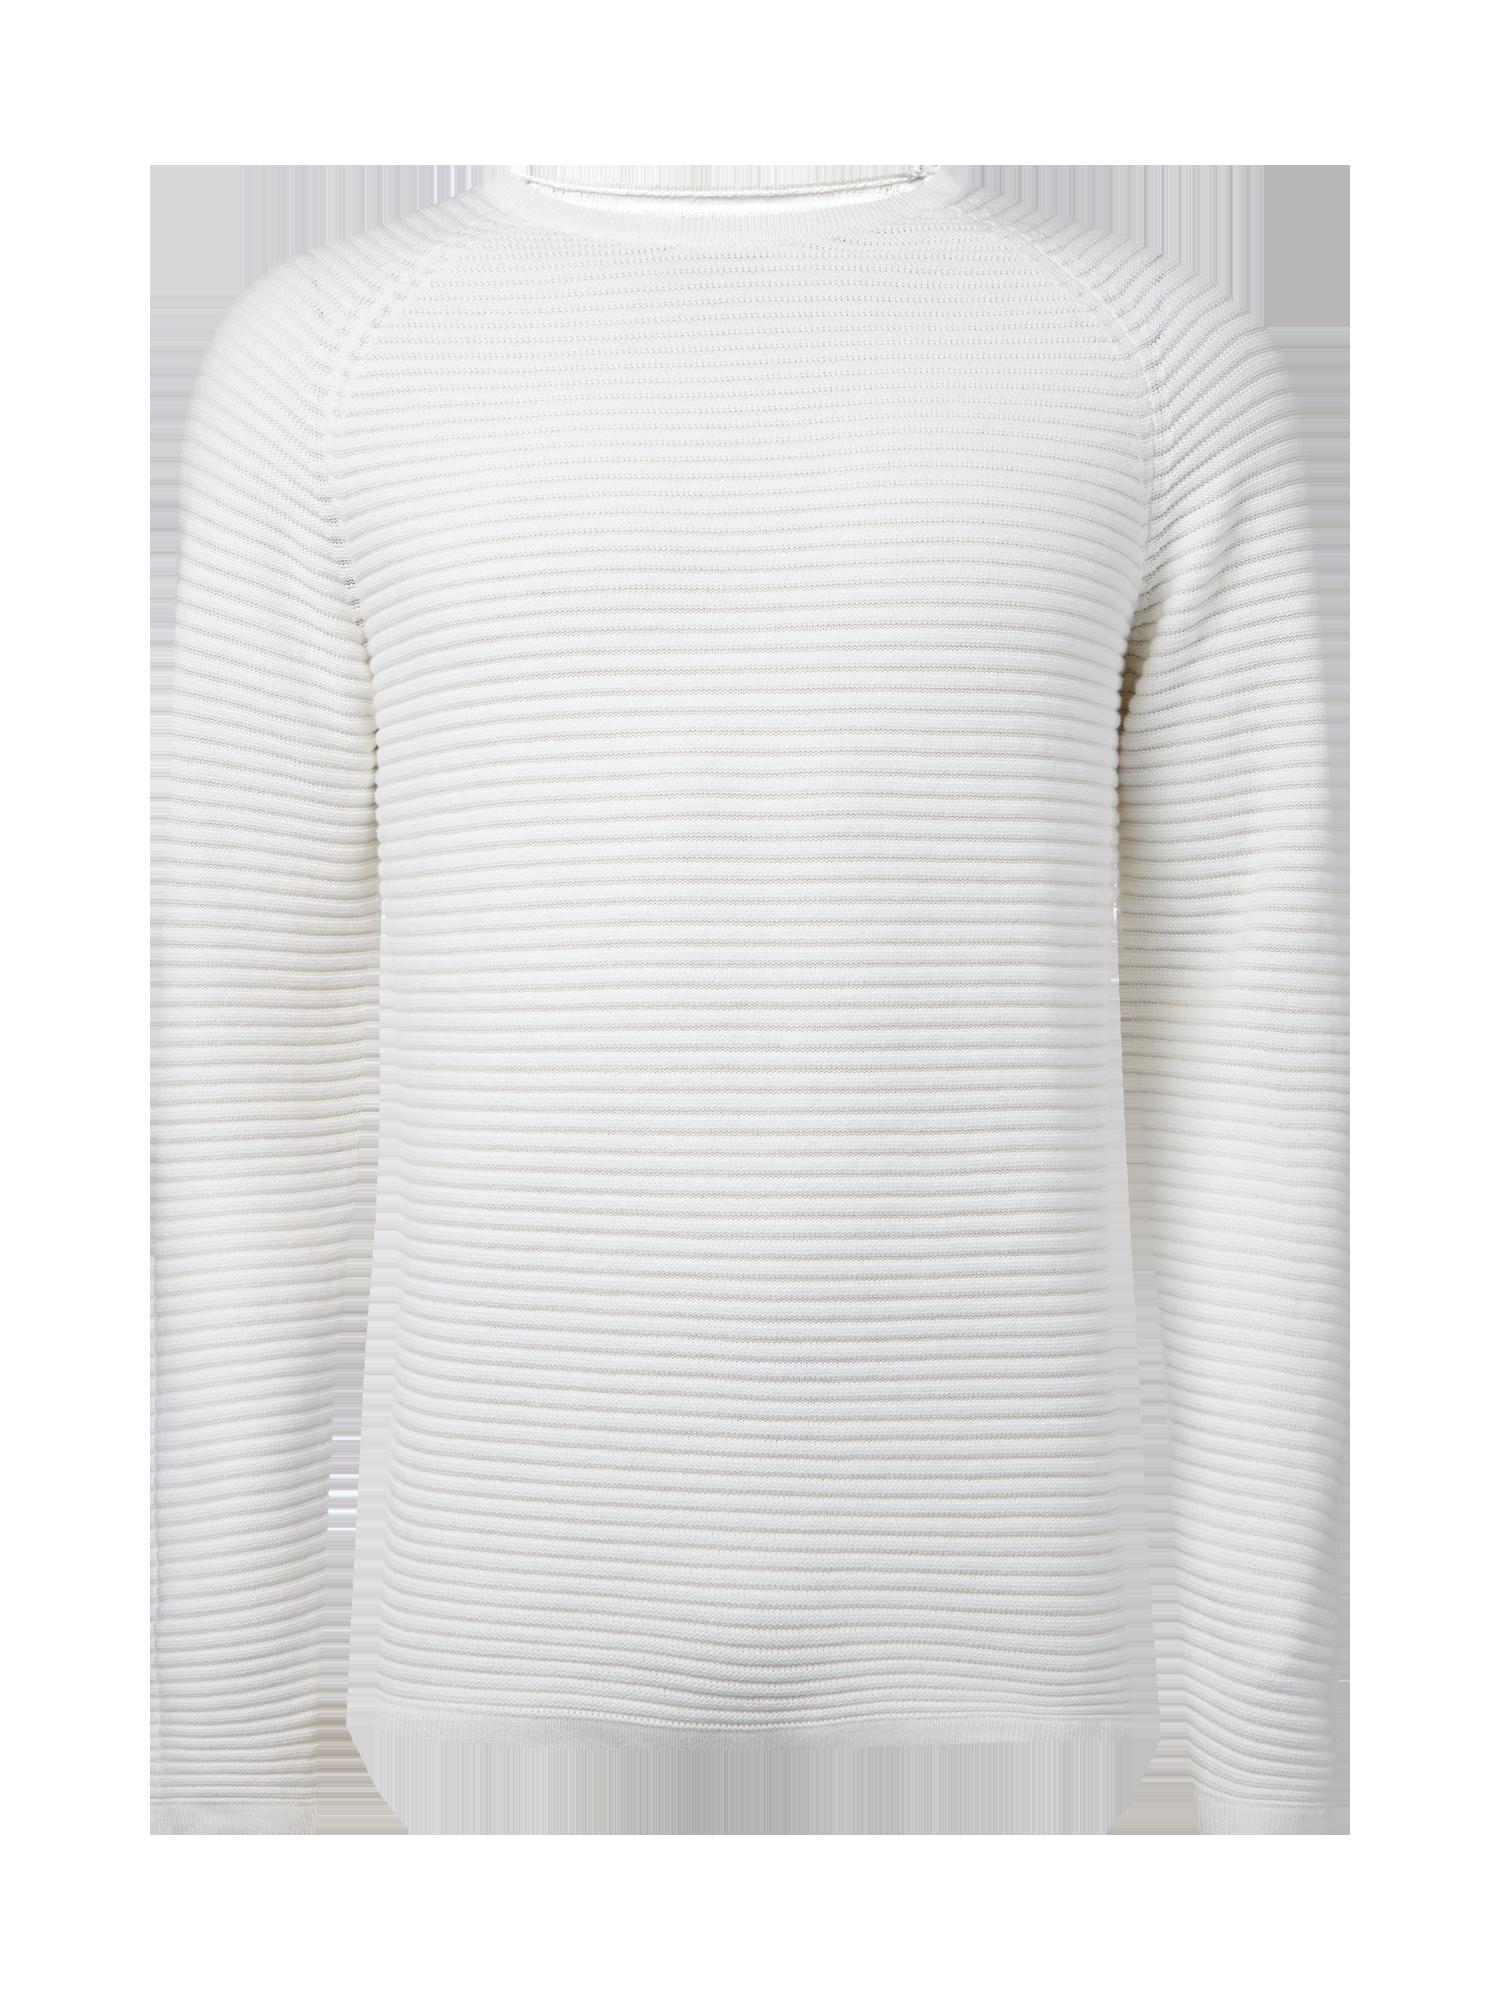 efc9e93fbd4a59 JACK-JONES Pullover mit strukturiertem Streifenmuster in Weiß online kaufen  (9493713) ▷ P C Online Shop Österreich